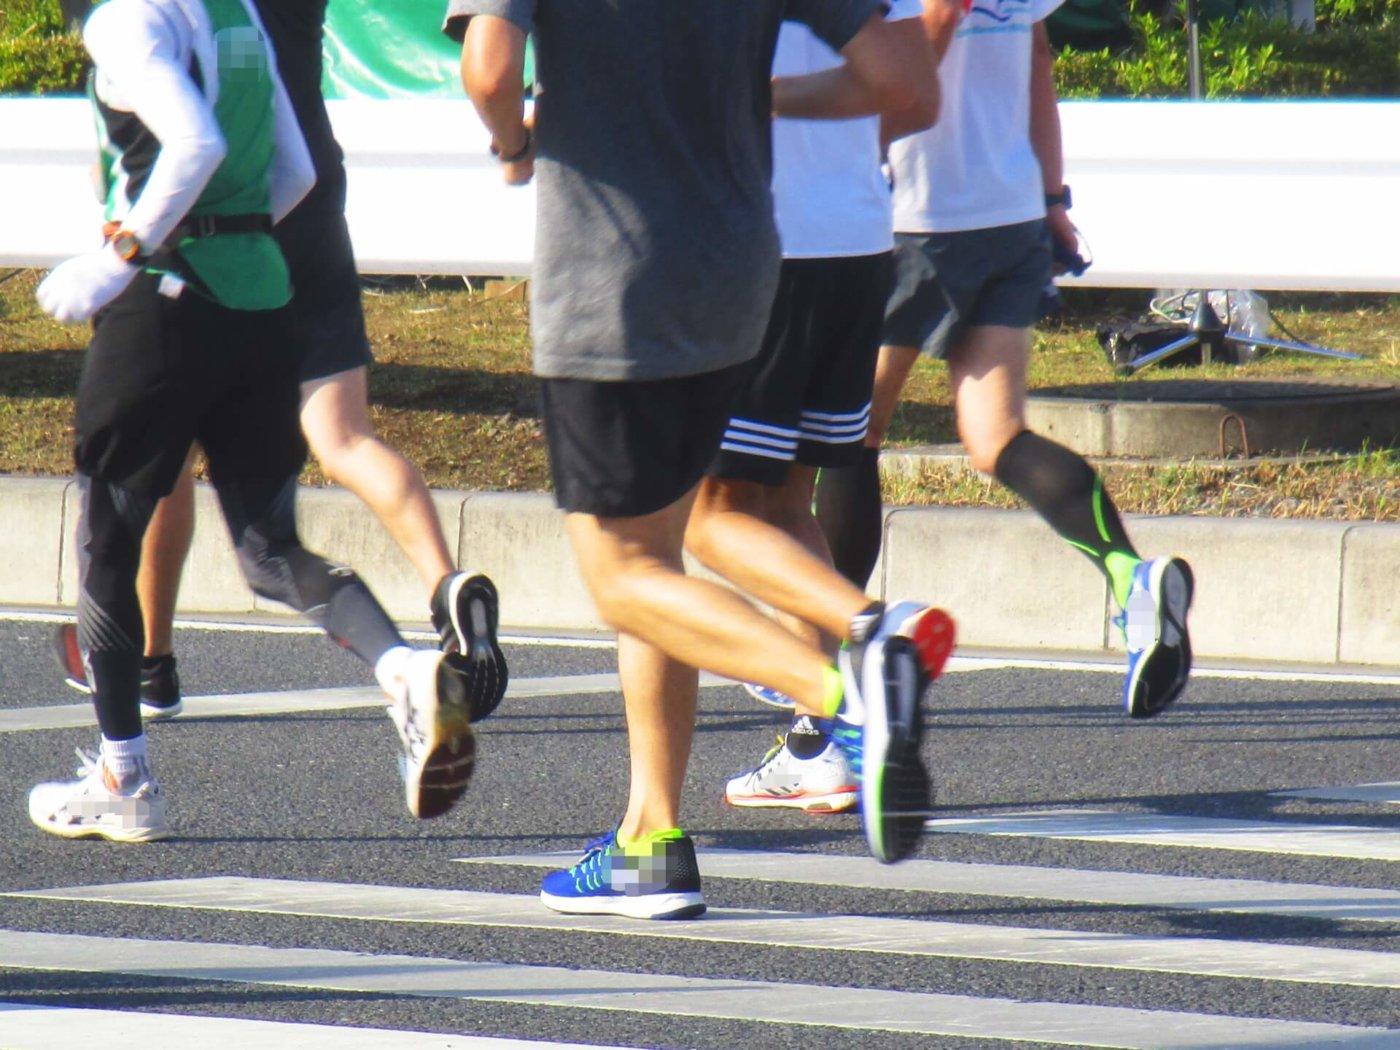 ランニング3kmのペース・タイム・速さはどれくらい?